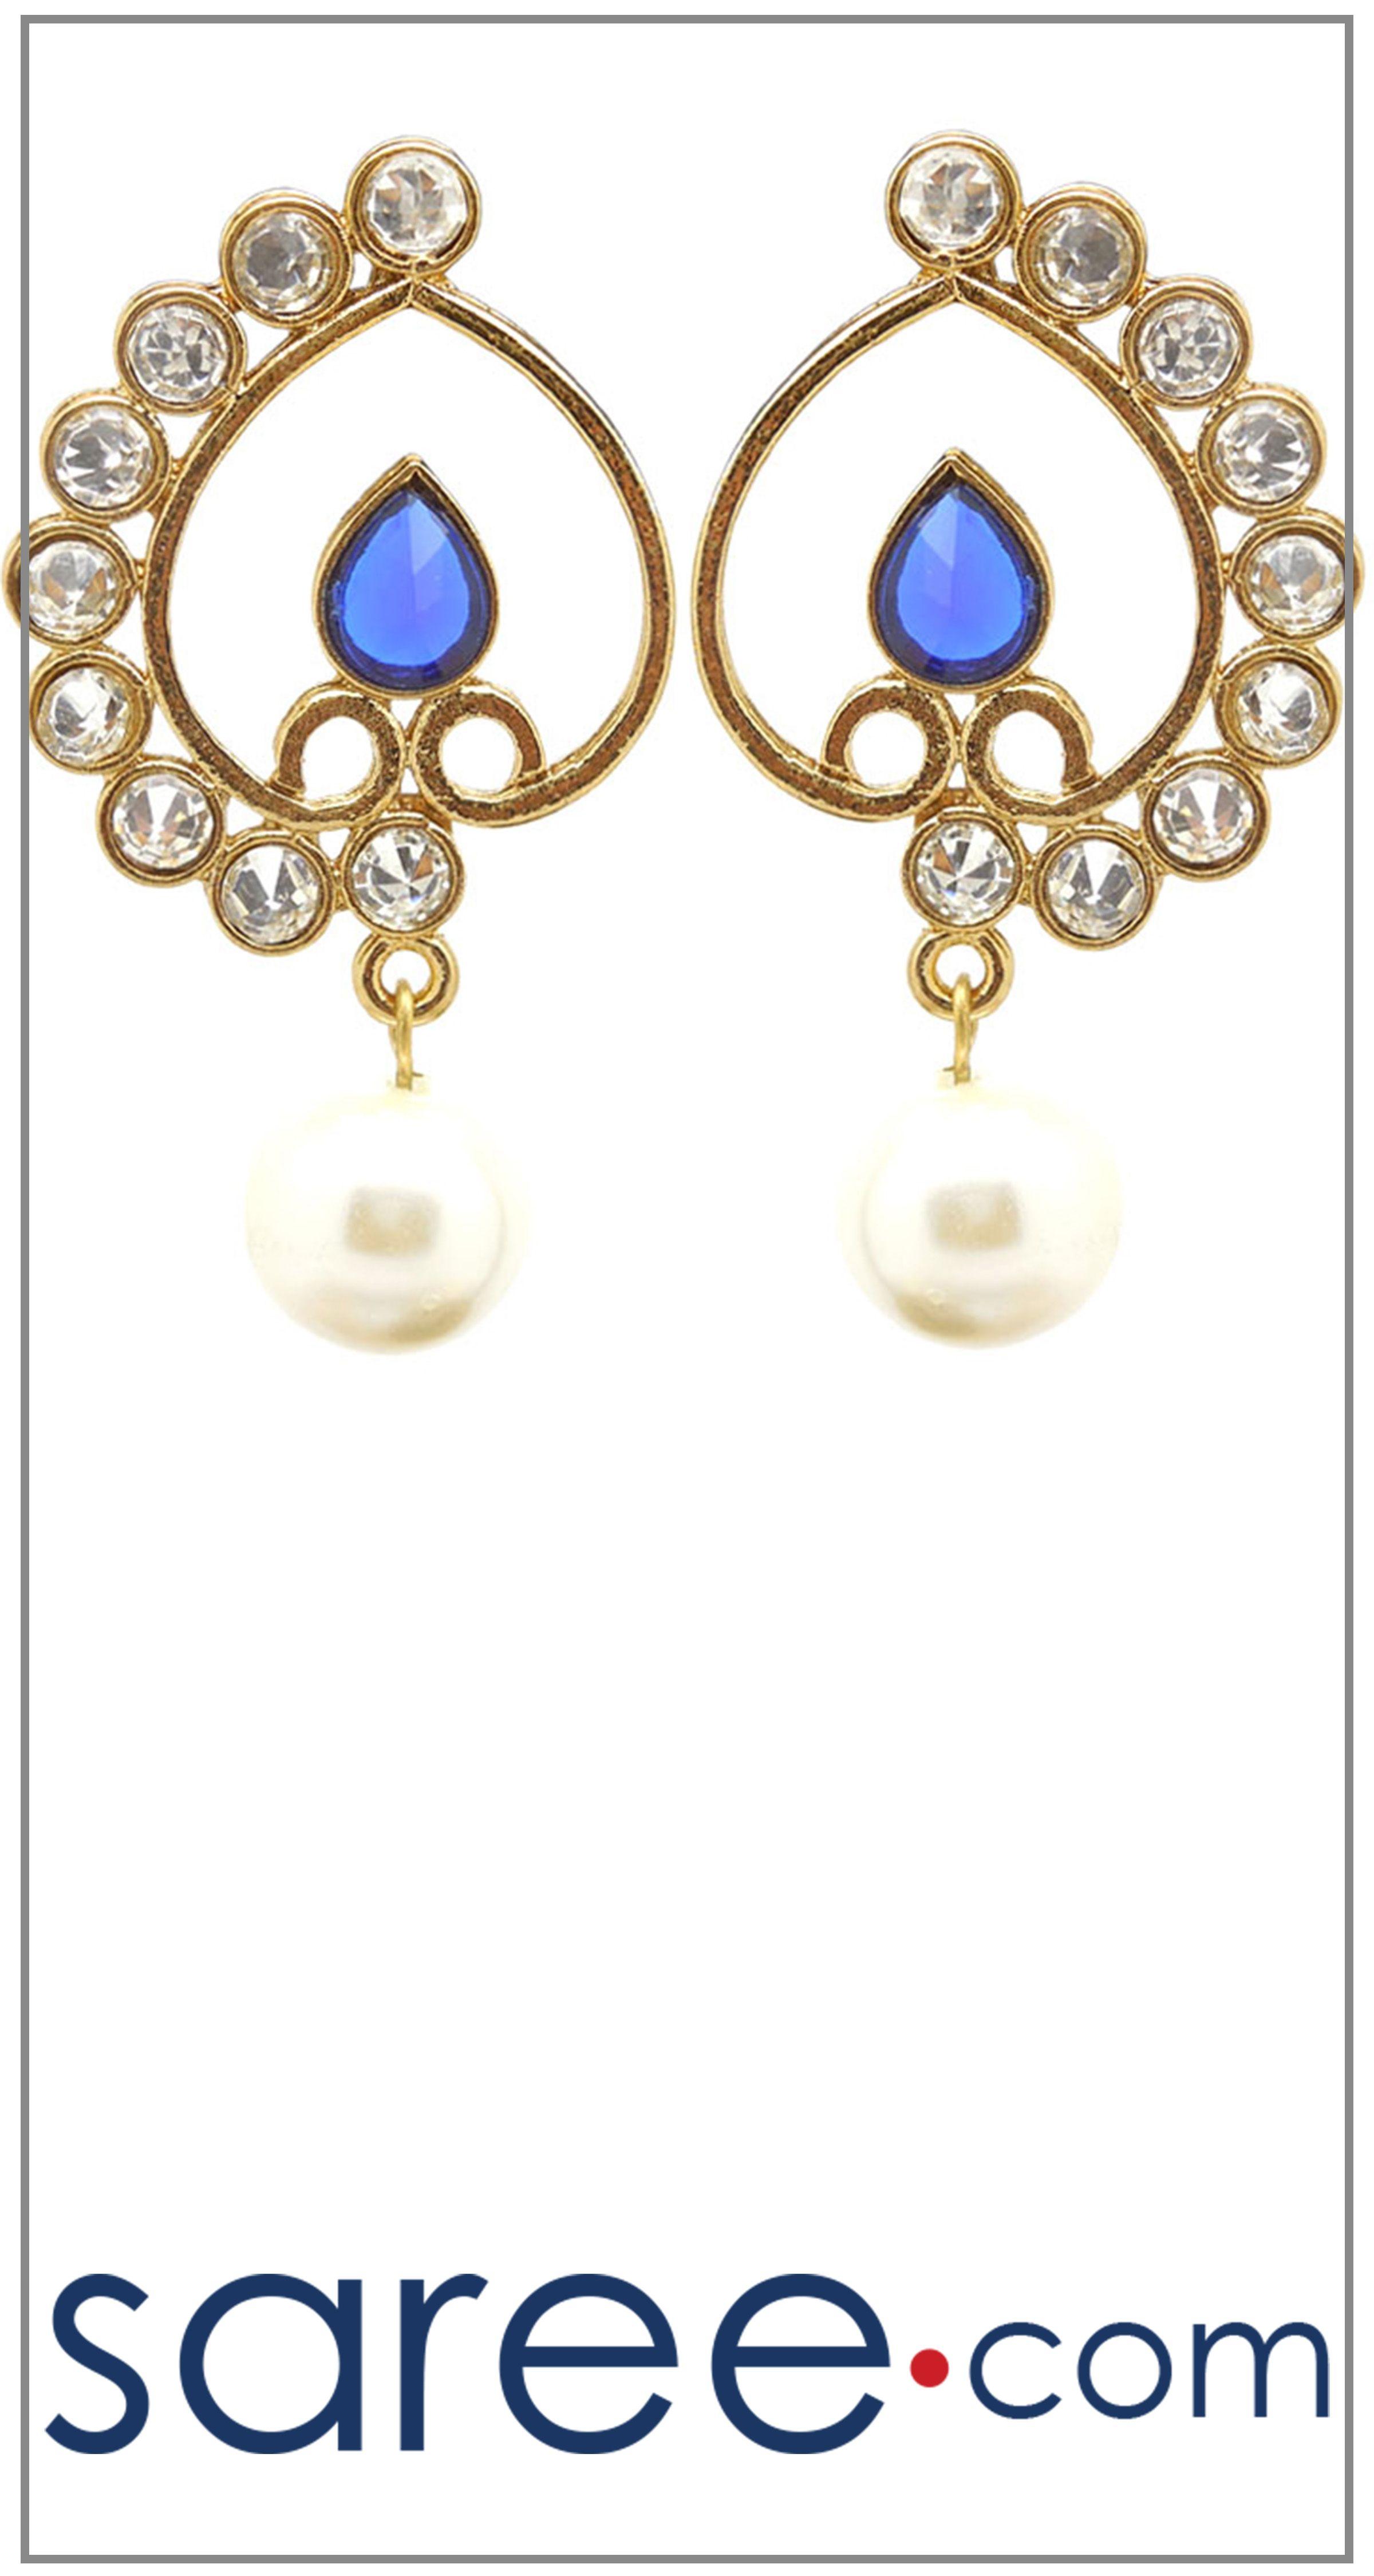 PARTYWEAR BLUE EARRING  #Jewelry #accessories #Earrings #Earringsoftheday #necklace #necklaceoftheday #necklaceset #jewelleryset #jewellerydesign #jewelleryonline #buyonline #jewellery